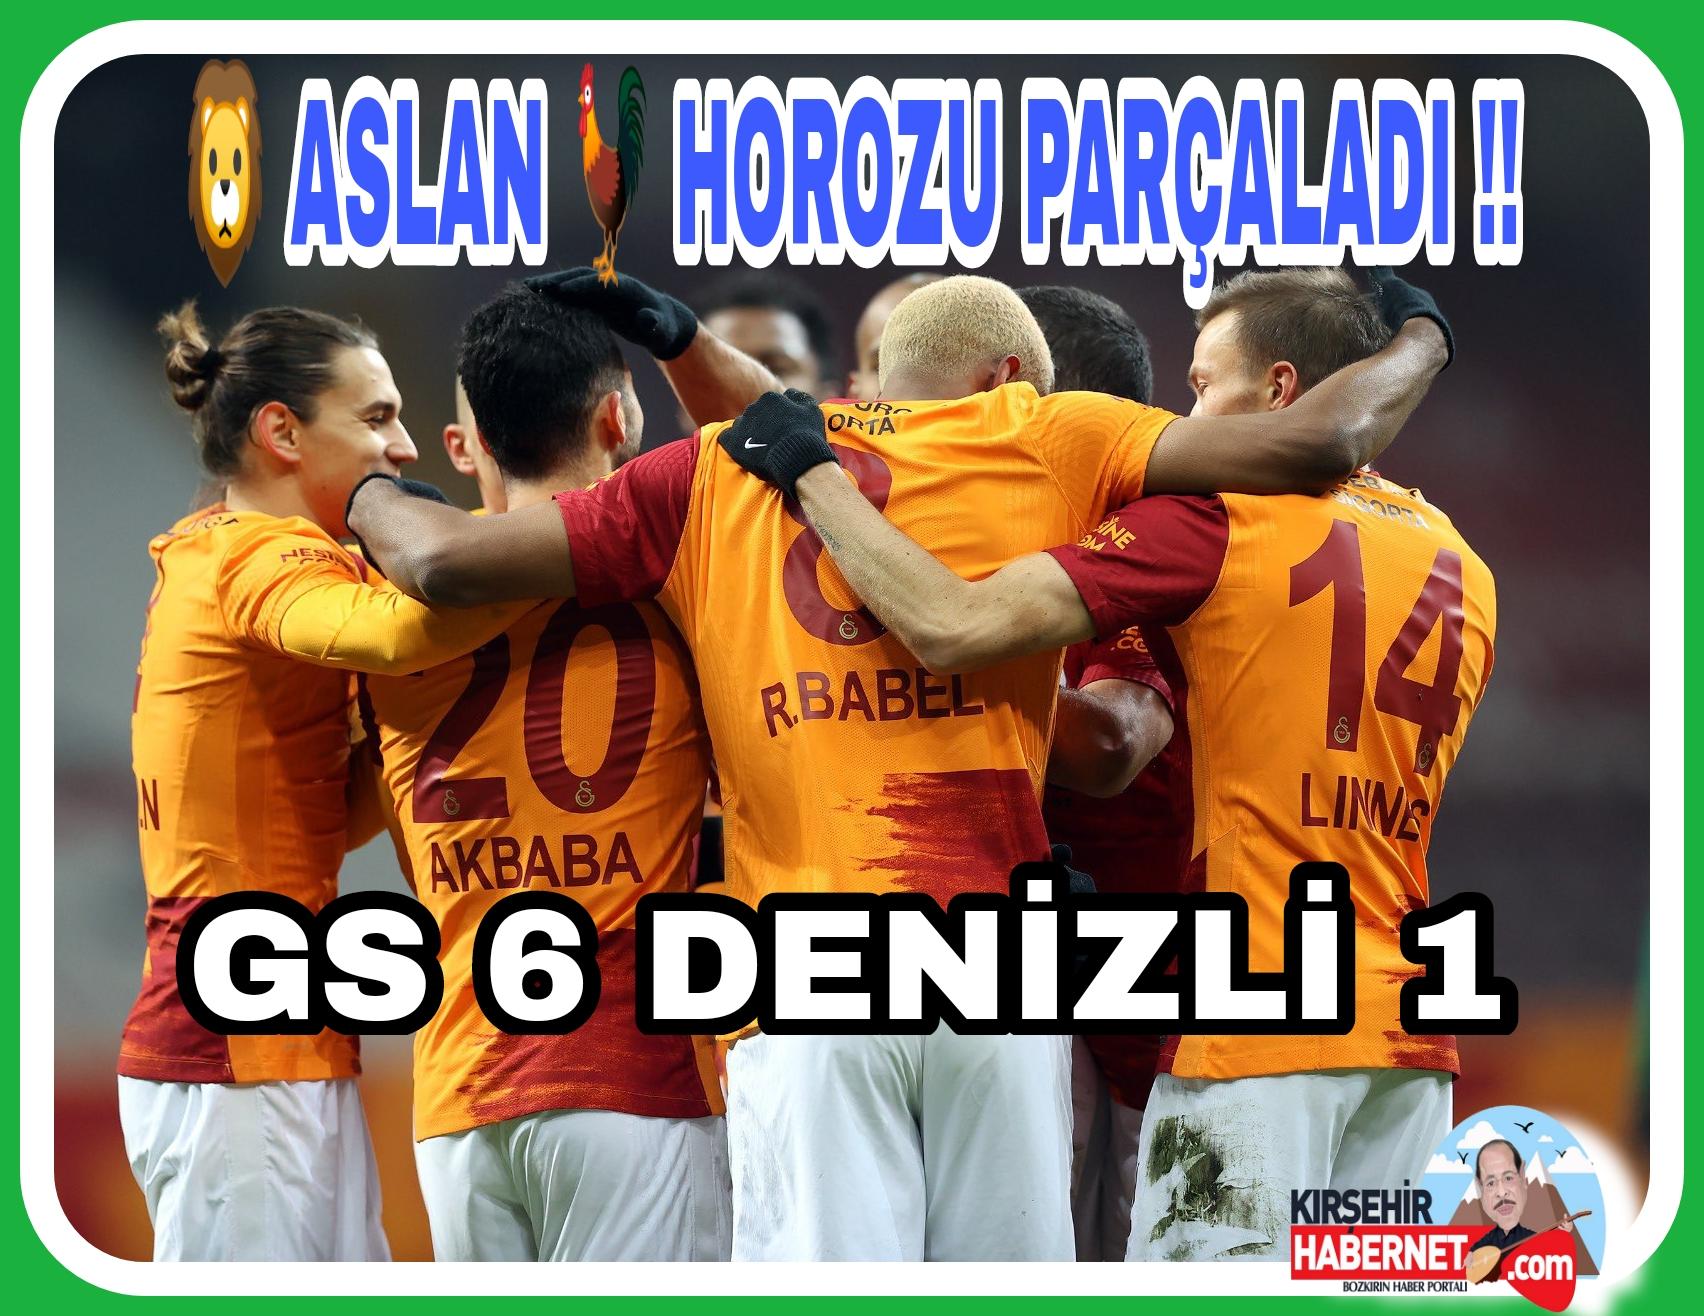 ASLAN HOROZU YEDİ !!